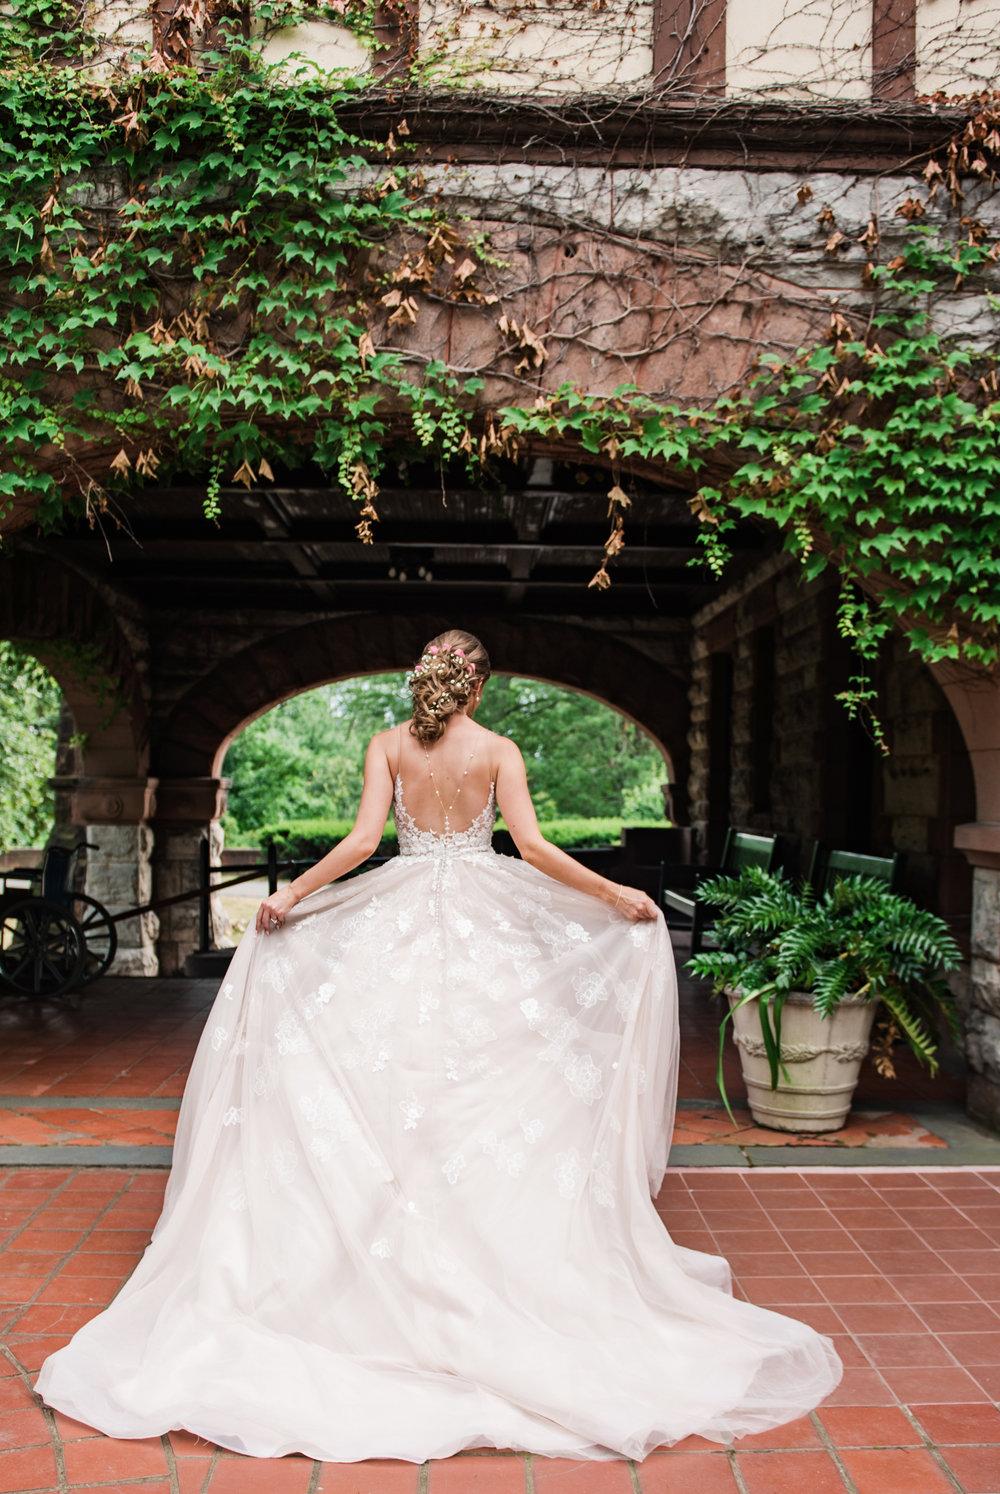 JILLSTUDIO_Sonnenberg_Gardens_Finger_Lakes_Wedding_Rochester_NY_Photographer_170012.jpg